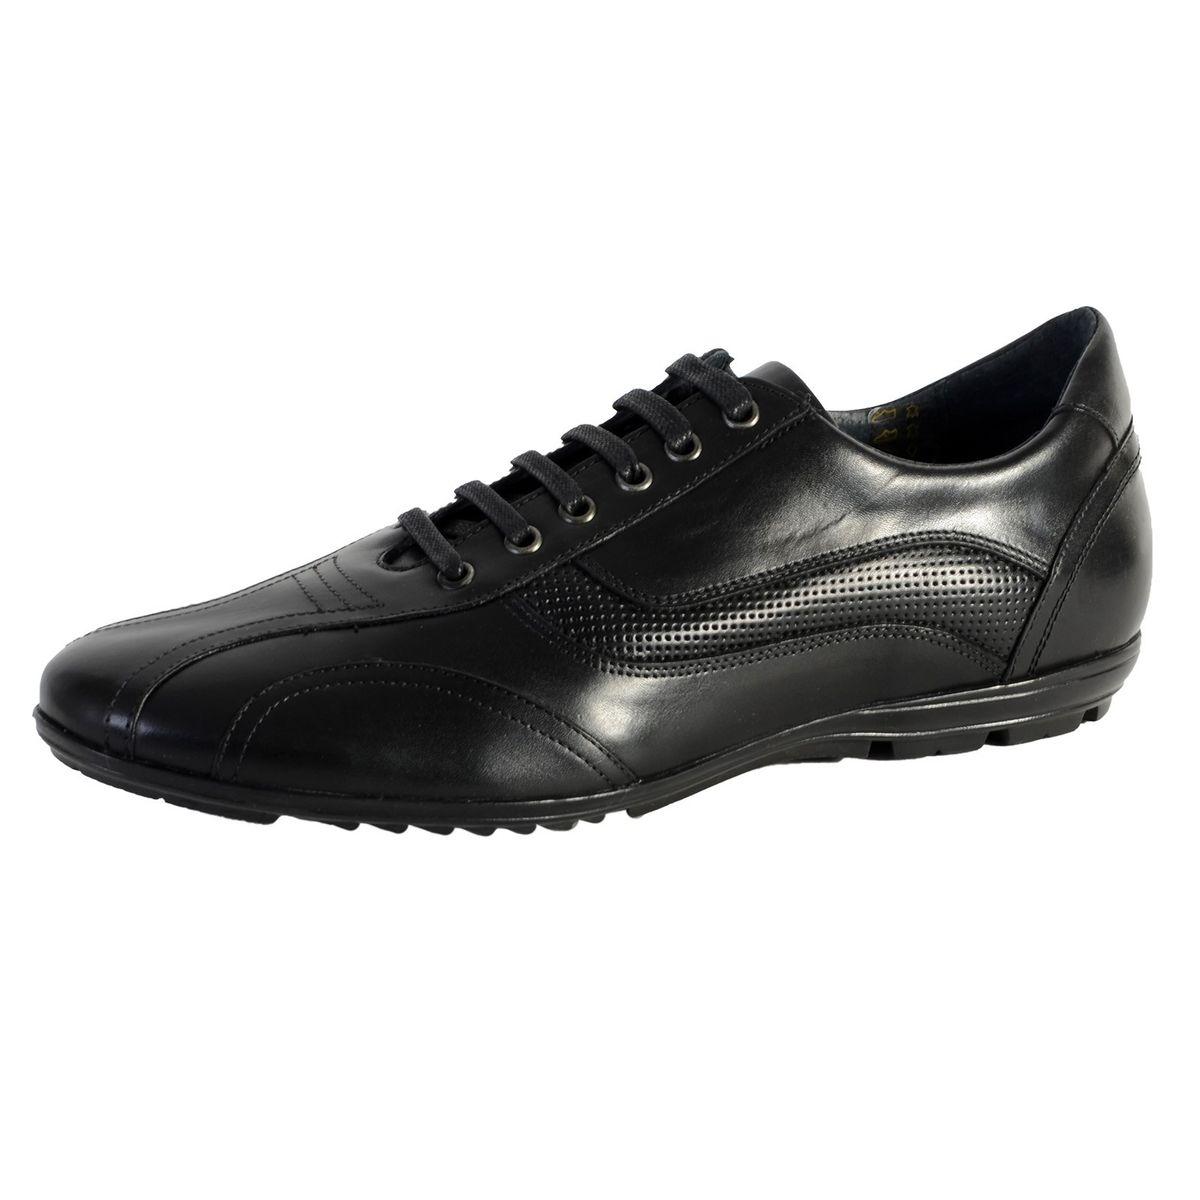 Chaussure Avalon Ewa2309 Noir